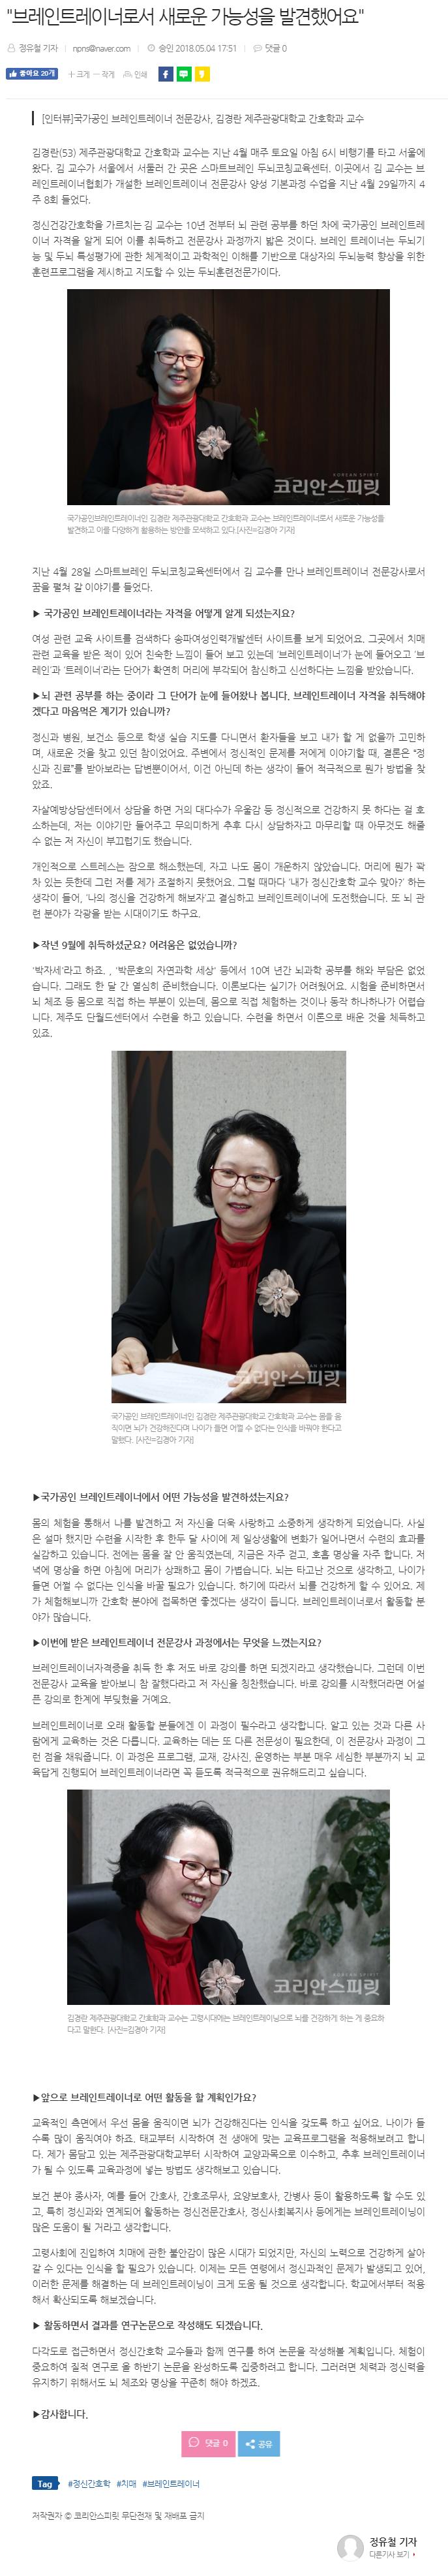 김경란회원님기사.png